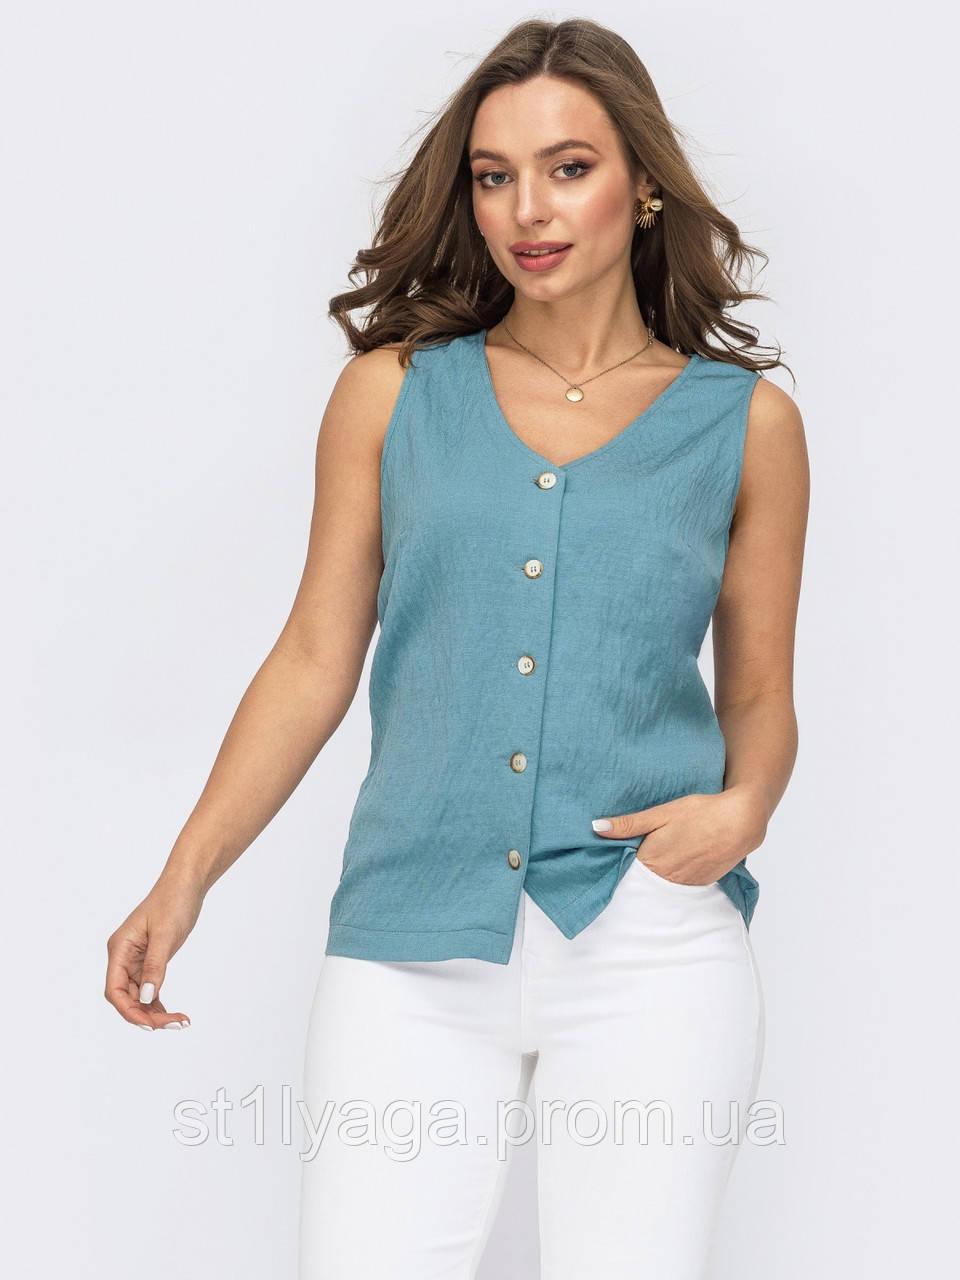 Блузка без рукавів на застібці гудзики ЛІТО